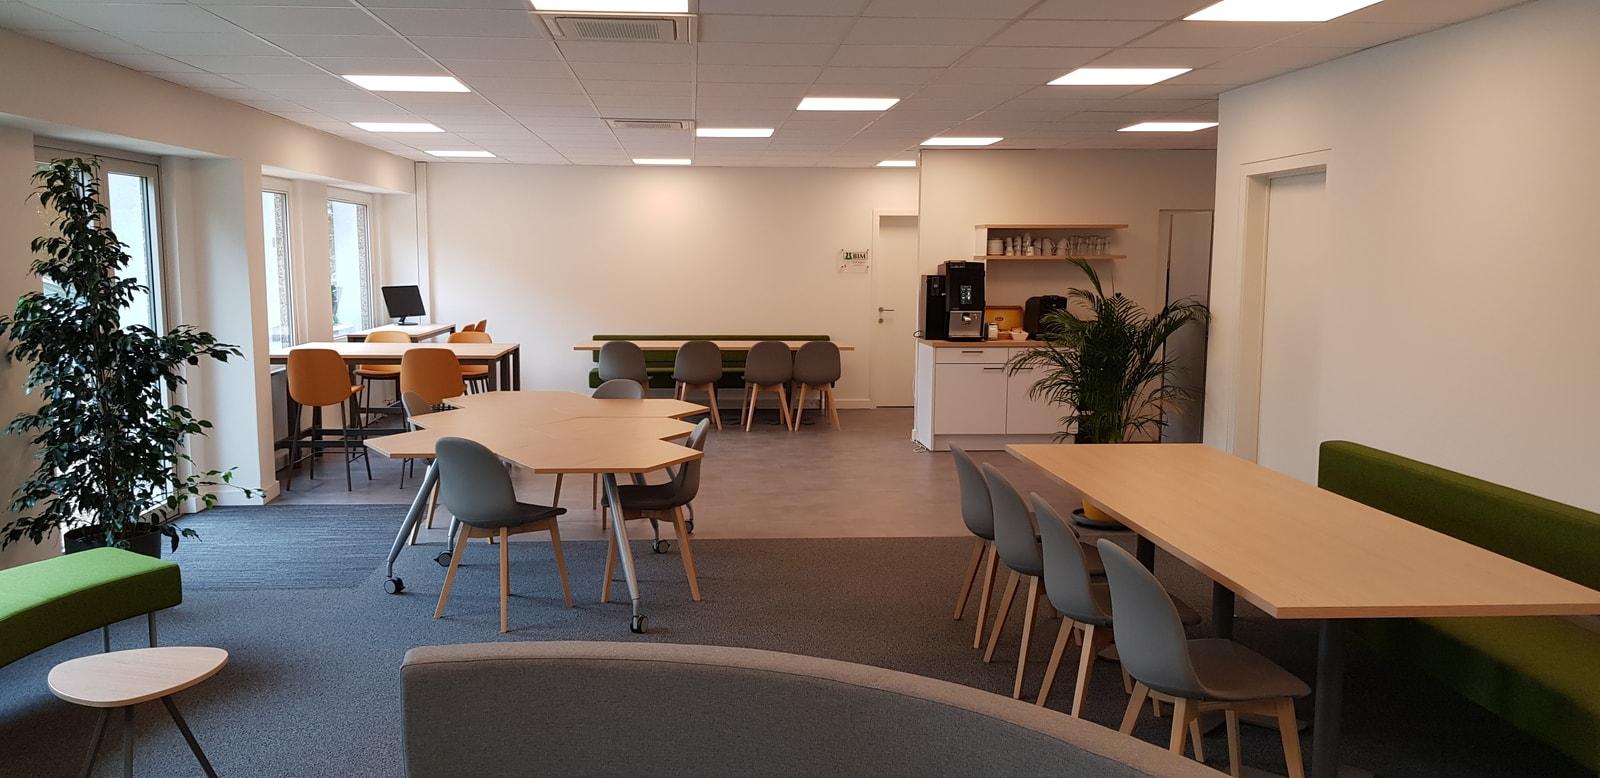 Grote ruimte in het kantoor in Aalst